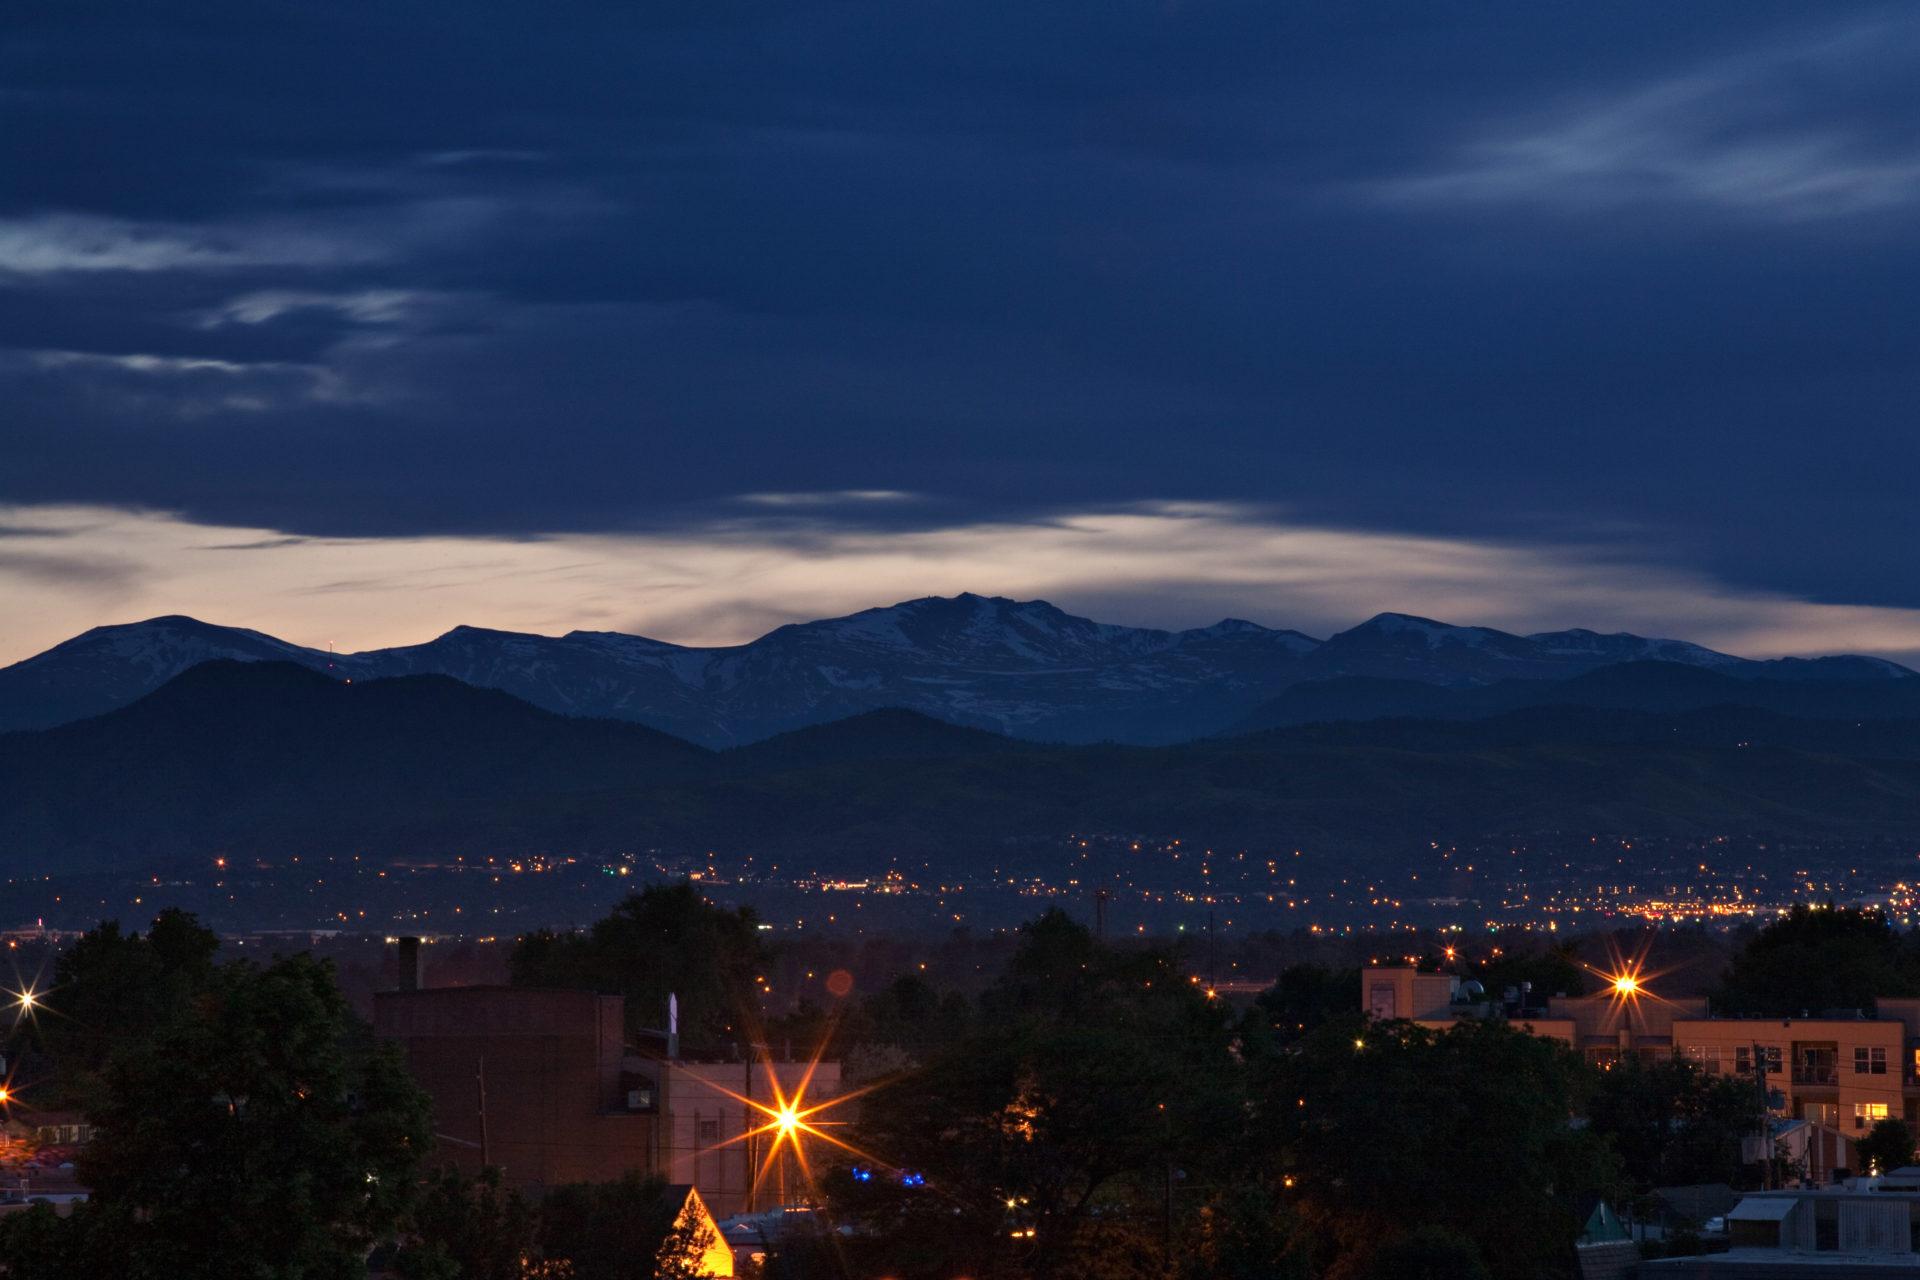 Mount Evans - June 12, 2011